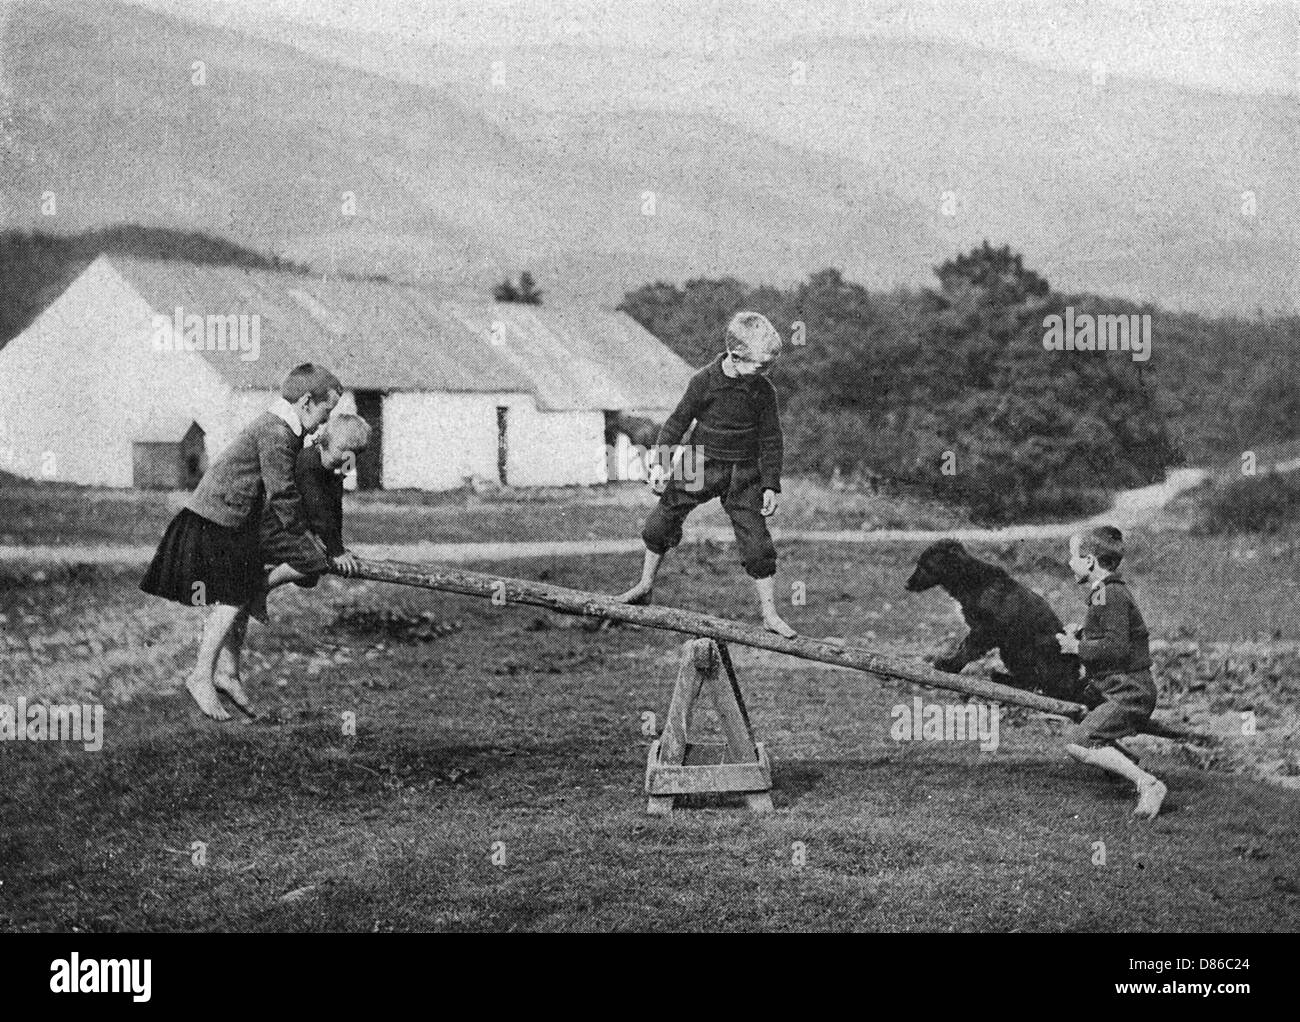 Les enfants et un chien jouent sur une balançoire Photo Stock